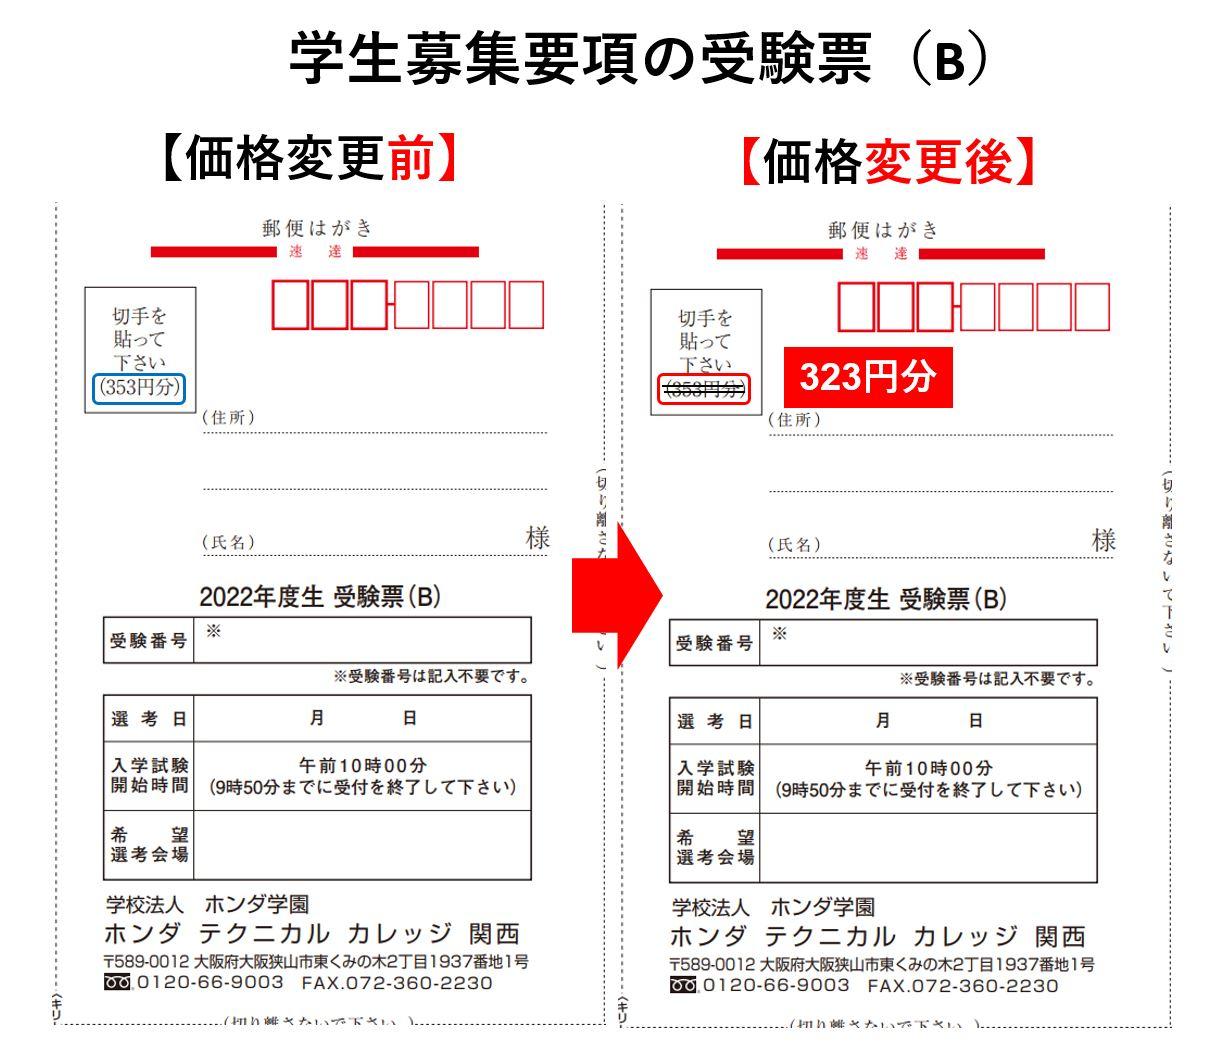 【受験生の方】受験票(ハガキ)への切手貼付額の変更